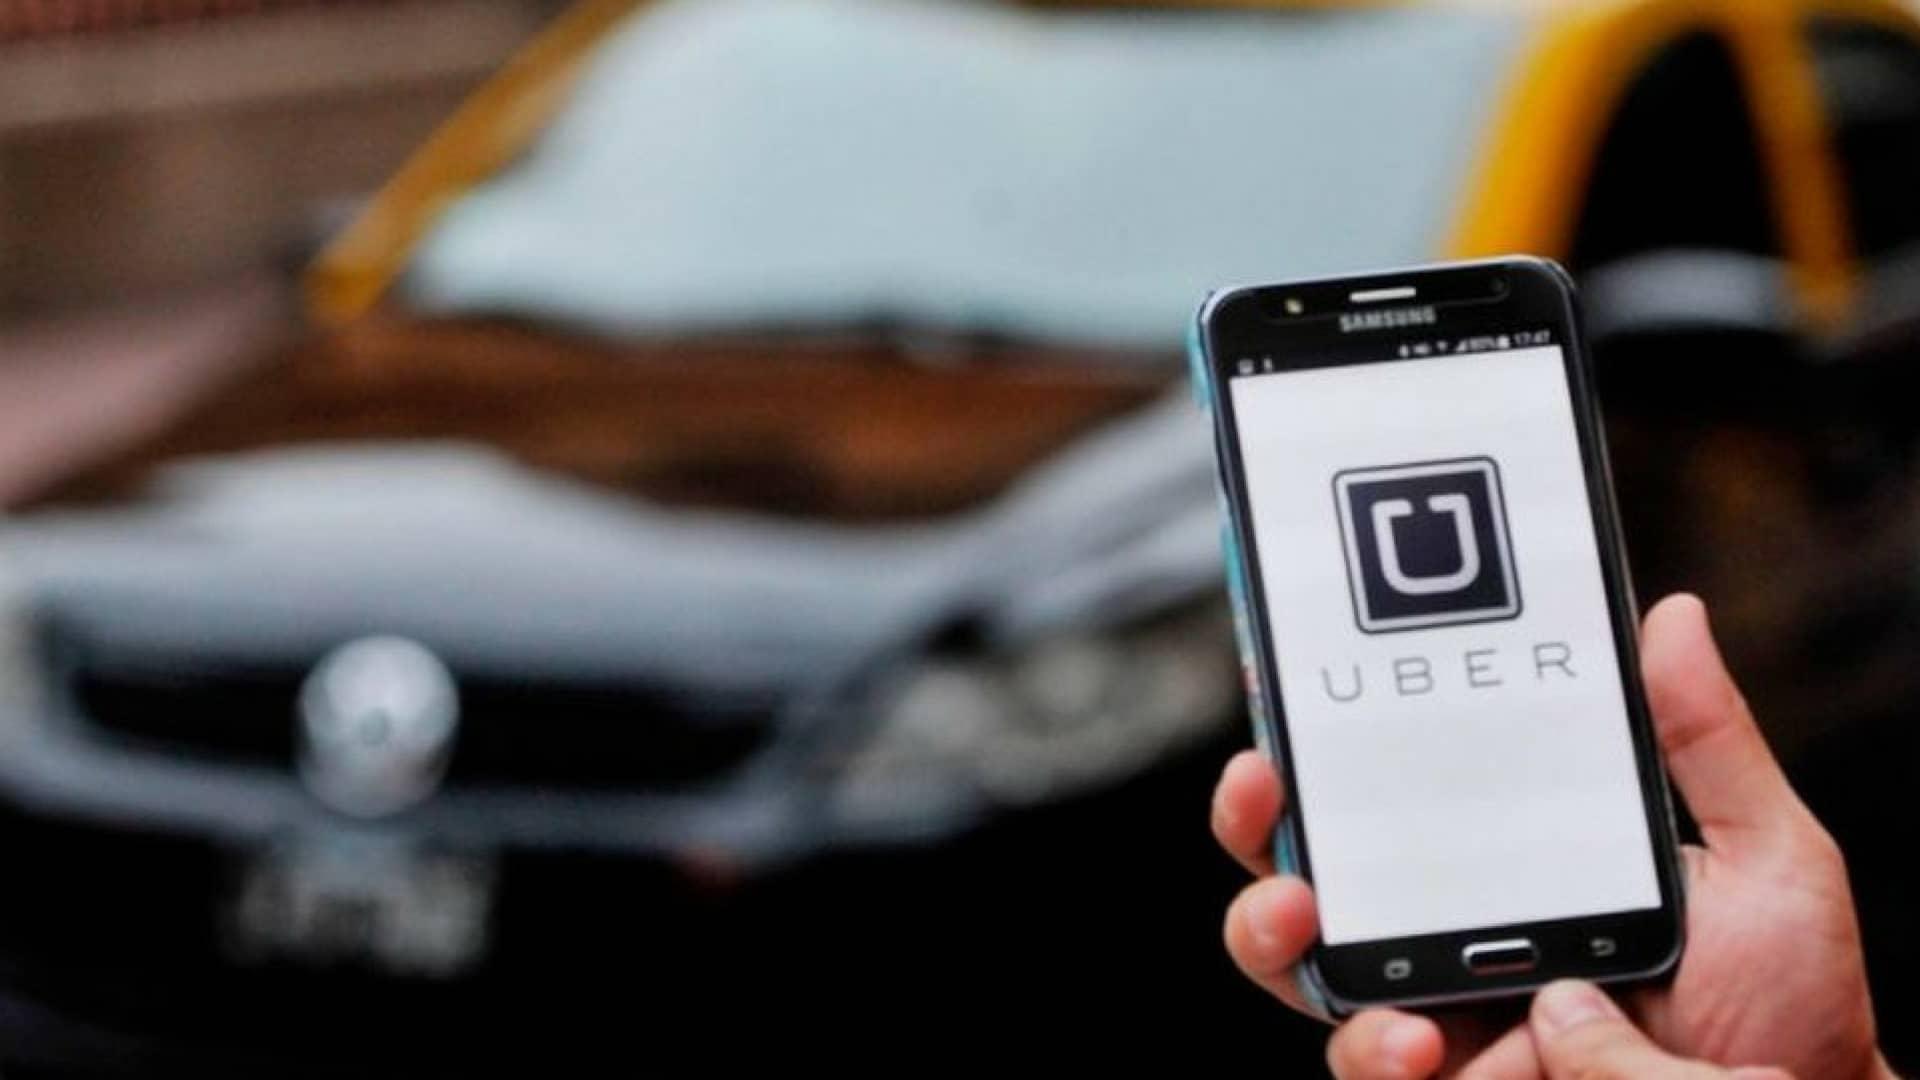 uber-licenza-prova-londra